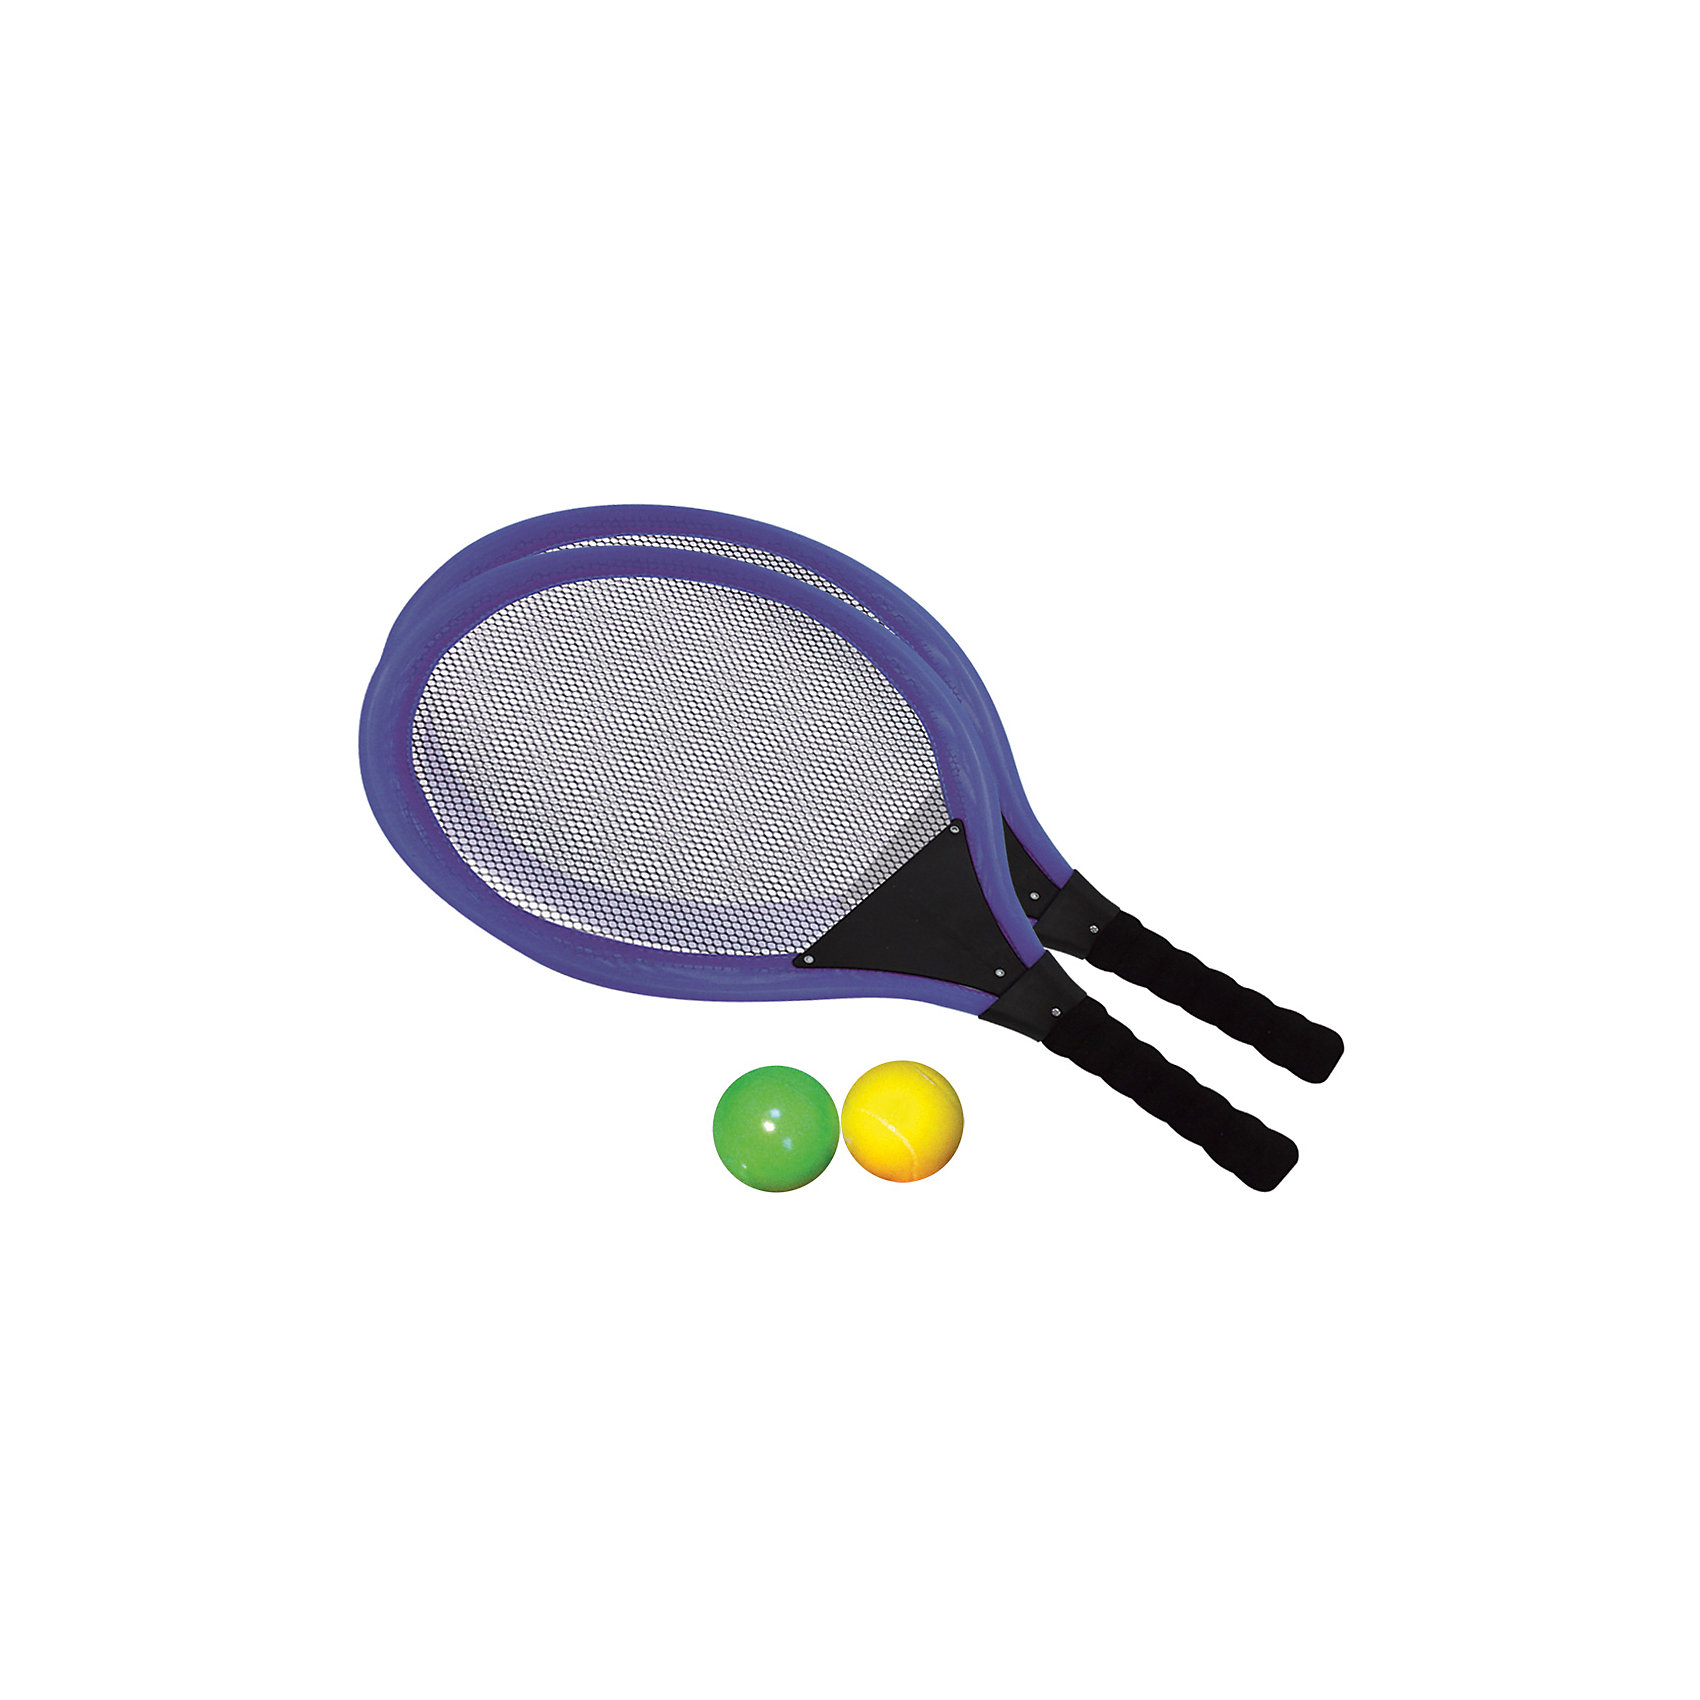 Набор для тенниса, InSummerНабор для тенниса содержит 2 ракетки и два мяча. Легкие ракетки с удобной ручкой надежно фиксируются в руке, и ребенок сможет с легкостью играть с друзьями.<br><br>Дополнительная информация:<br>Вес: 70 грамм<br>Вы можете купить набор для тенниса в нашем интернет-магазине.<br><br>Ширина мм: 548<br>Глубина мм: 290<br>Высота мм: 30<br>Вес г: 254<br>Возраст от месяцев: 36<br>Возраст до месяцев: 120<br>Пол: Унисекс<br>Возраст: Детский<br>SKU: 4624460